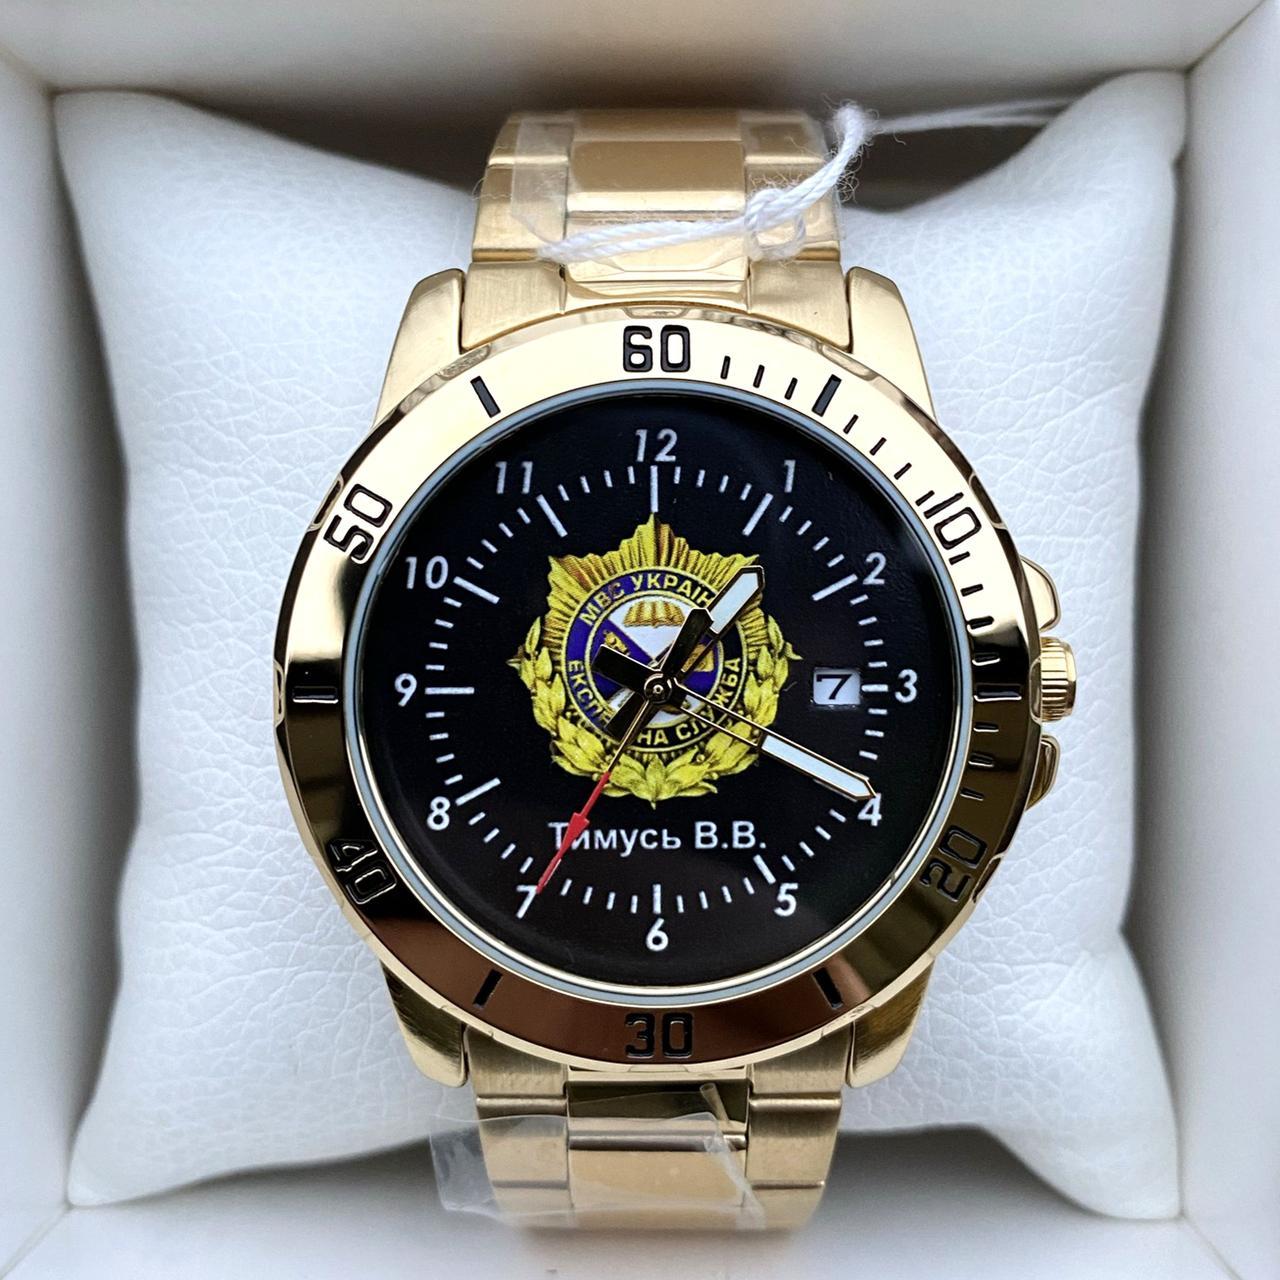 Годинник наручний Casio з логотипом Експертна служба МВС